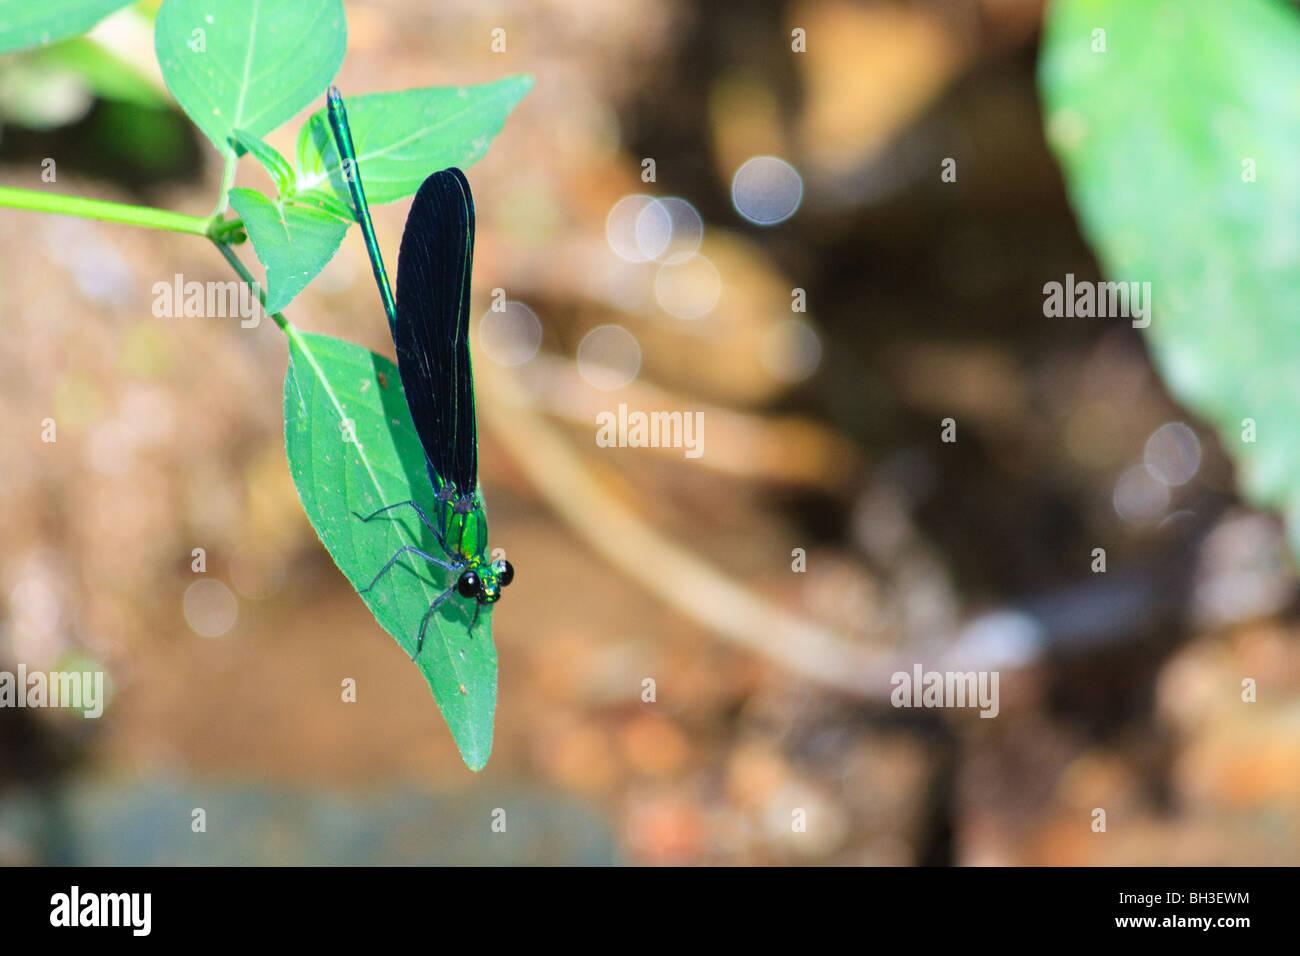 Africa Dragonflies Insect Kouma Konda Togo - Stock Image